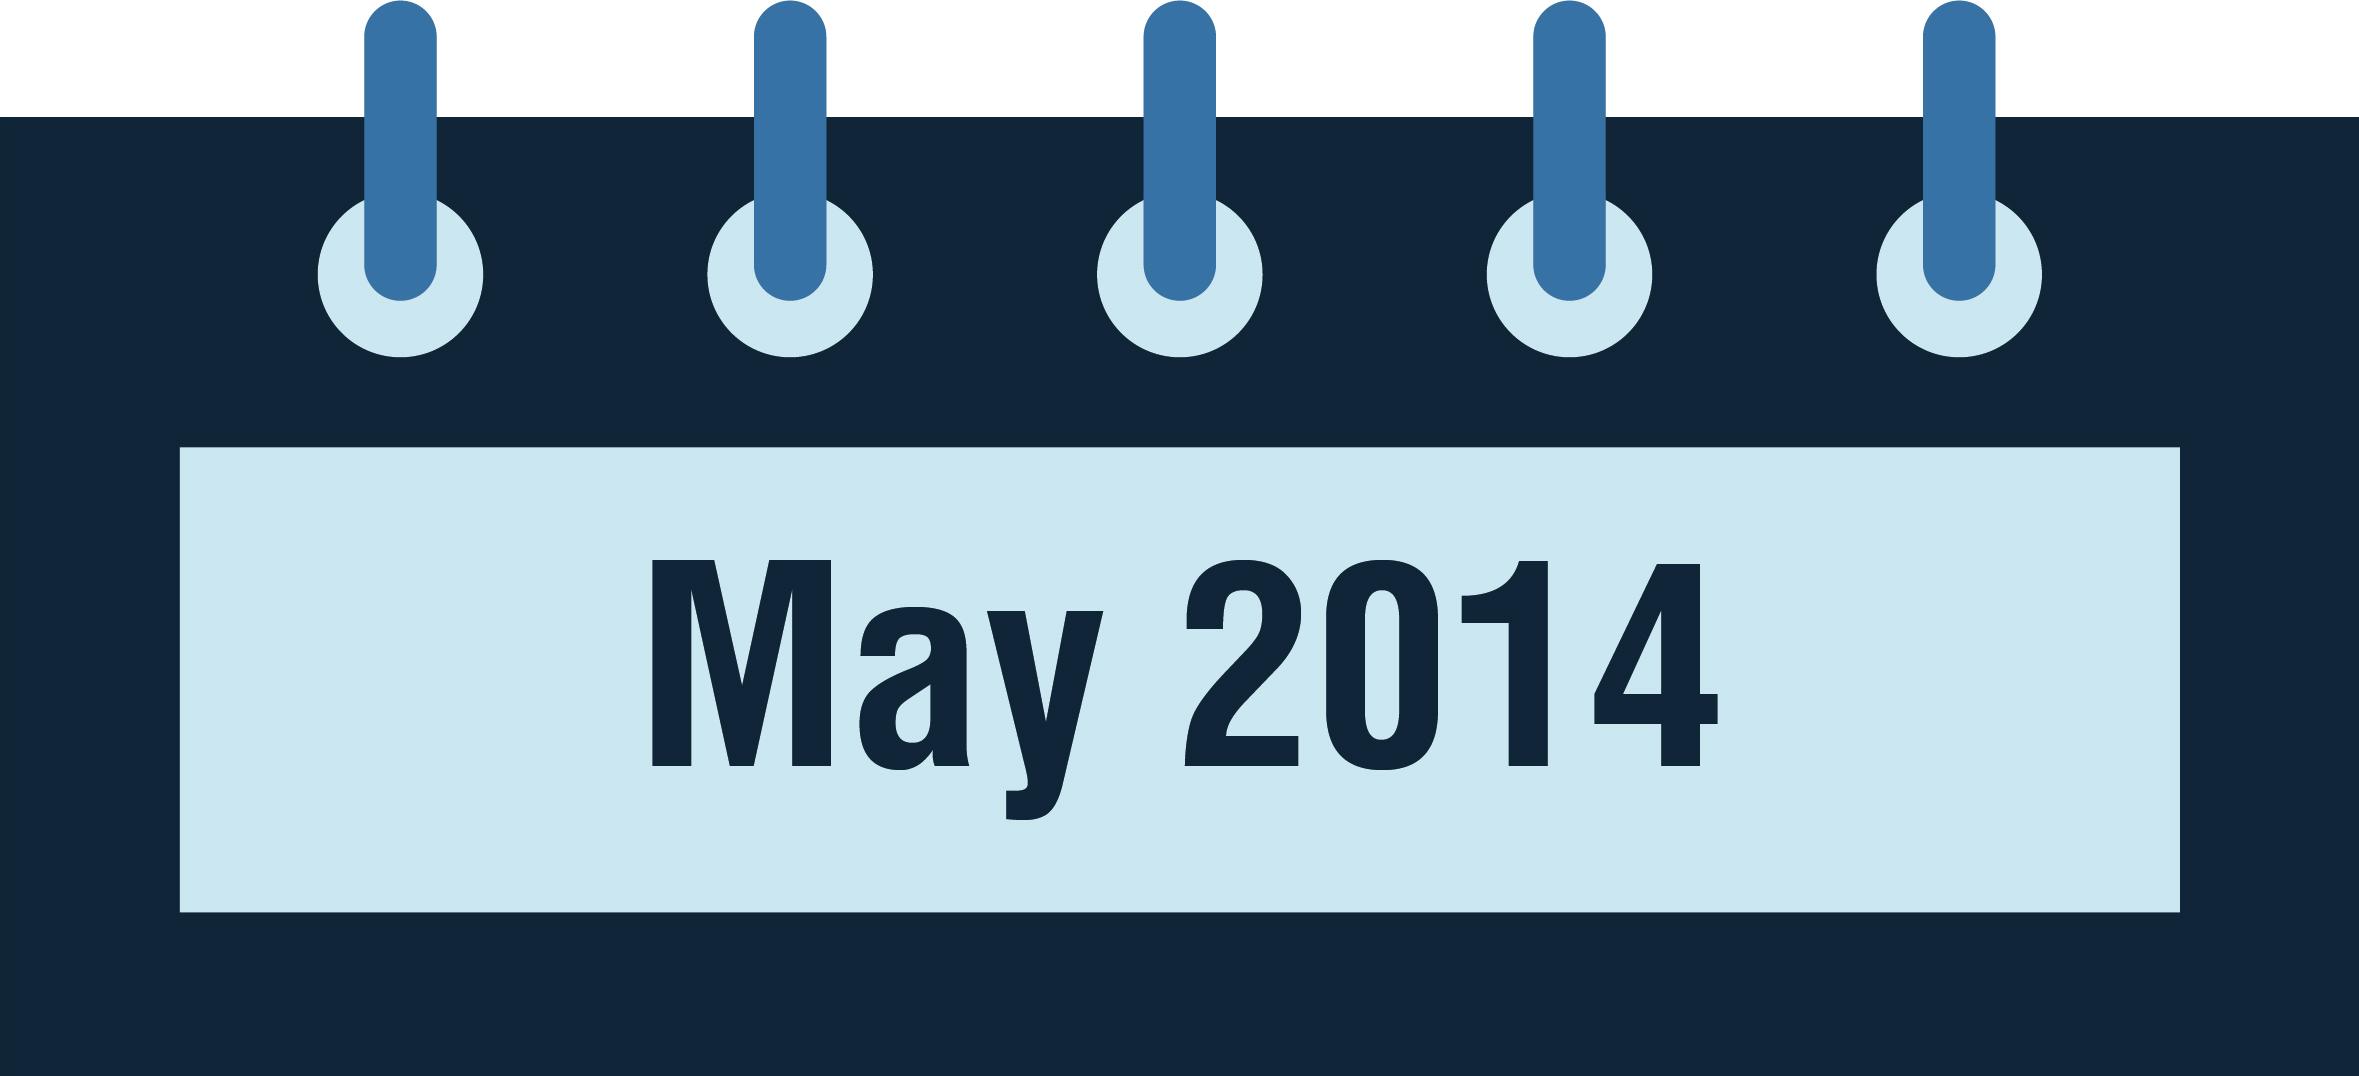 NeuroCheck History - May 2014 (Image © NeuroCheck)